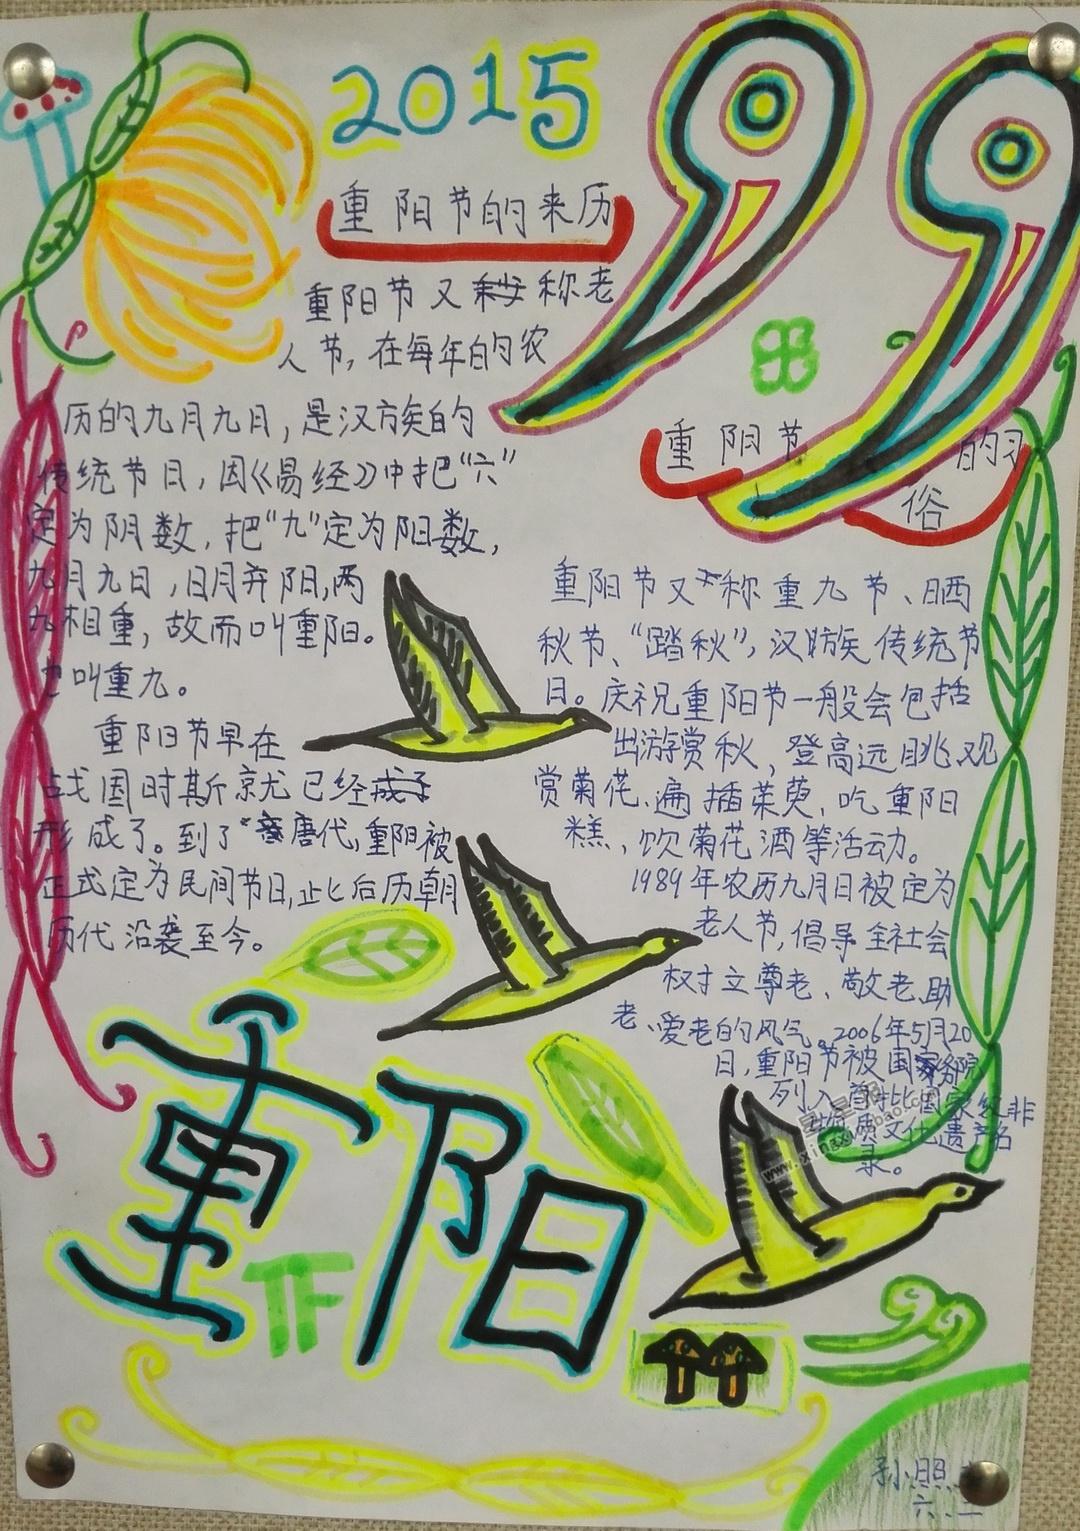 星星报 手抄报 重阳节手抄报 >> 正文内容       快要到九九重阳节了